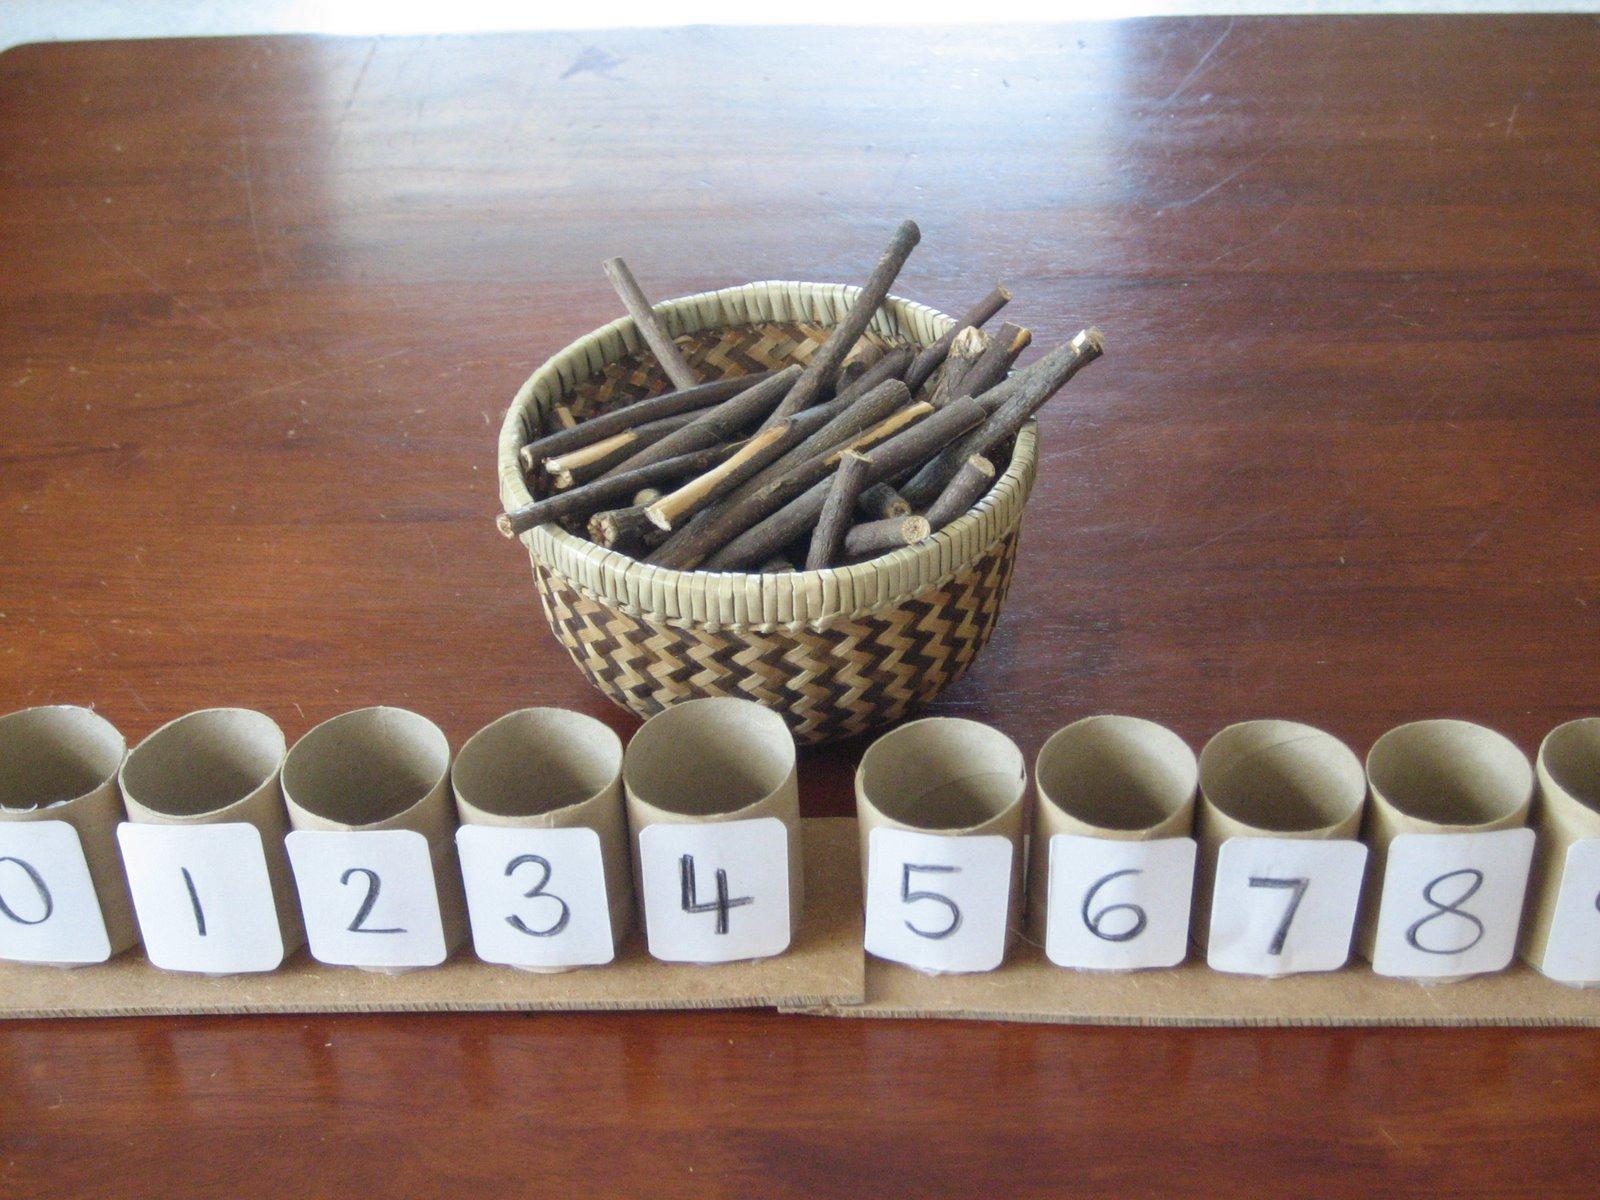 Worksheet Numeracy Activities For Kindergarten preschool math activities our playful curriculum how wee learn activities